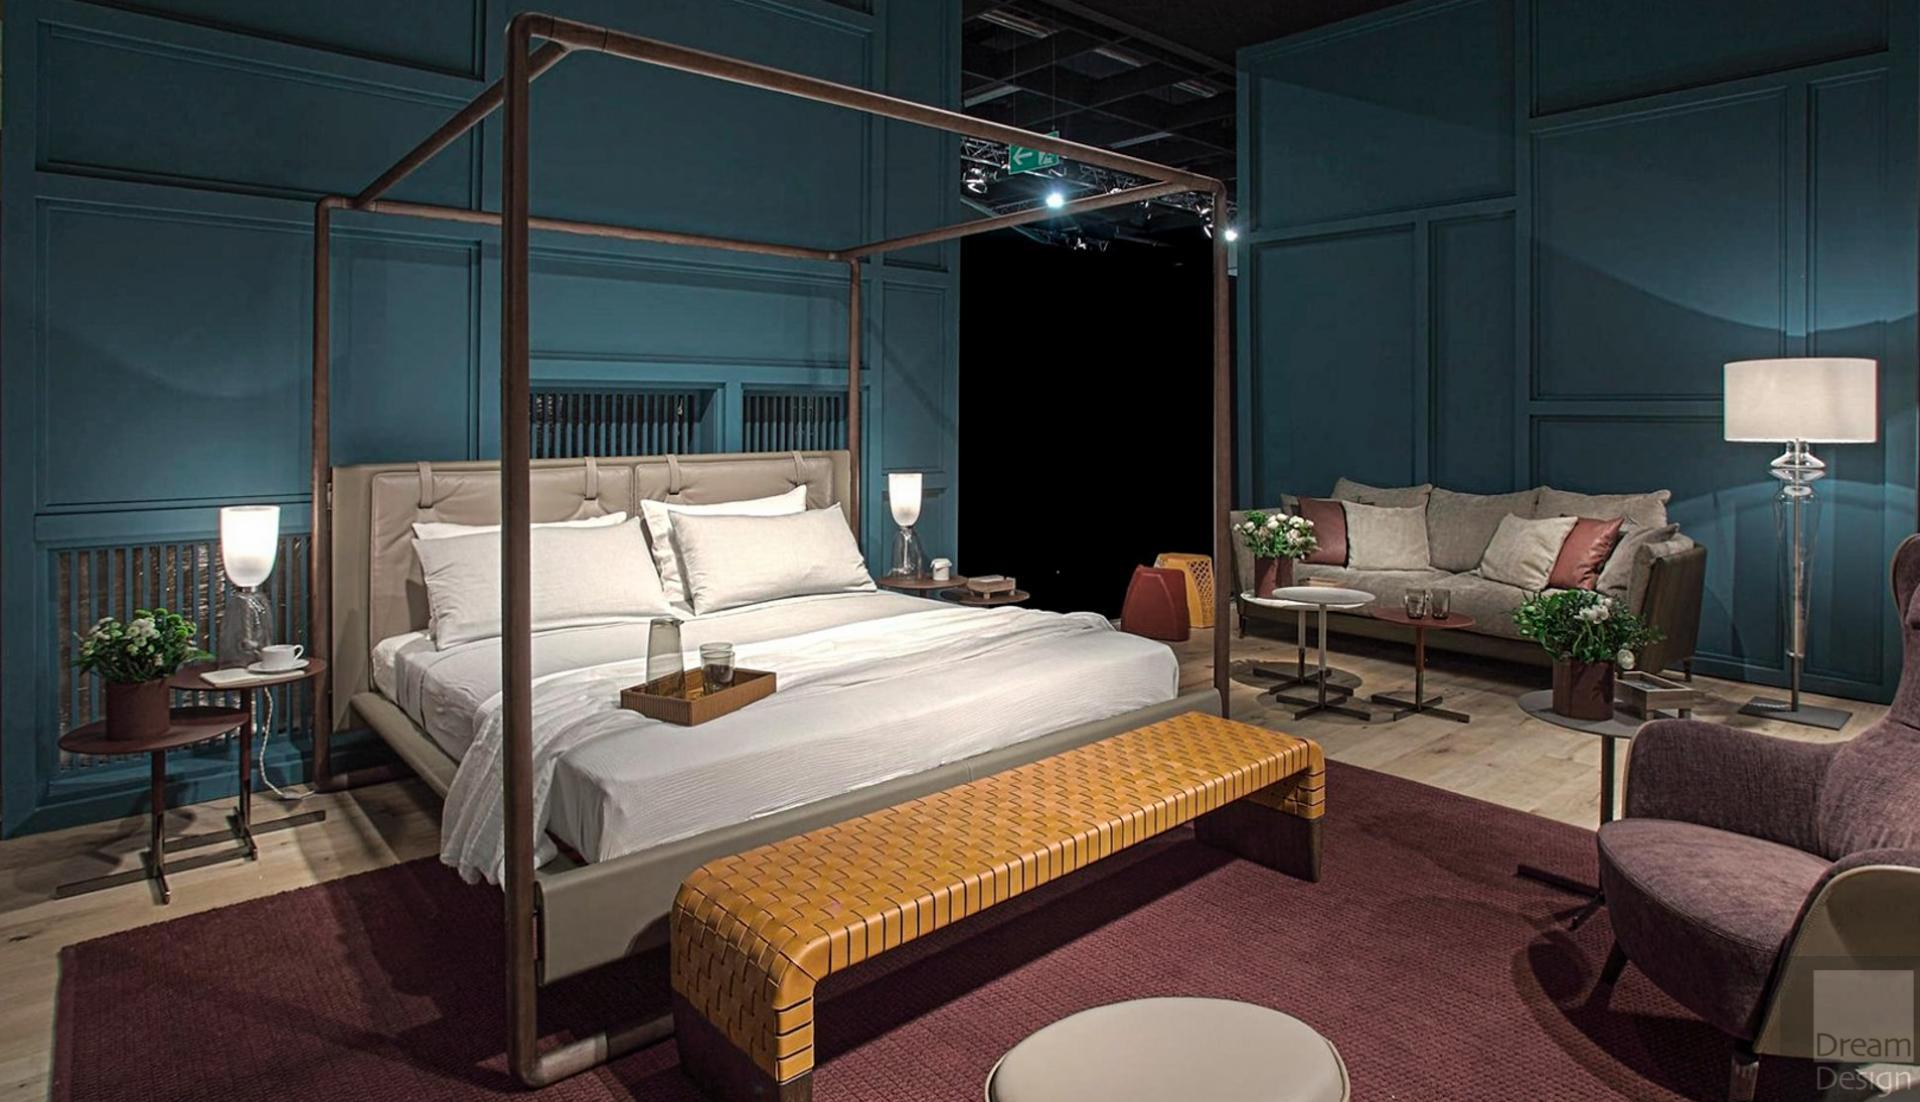 Poltrona Frau Volare Bed Dream Design Interiors Ltd